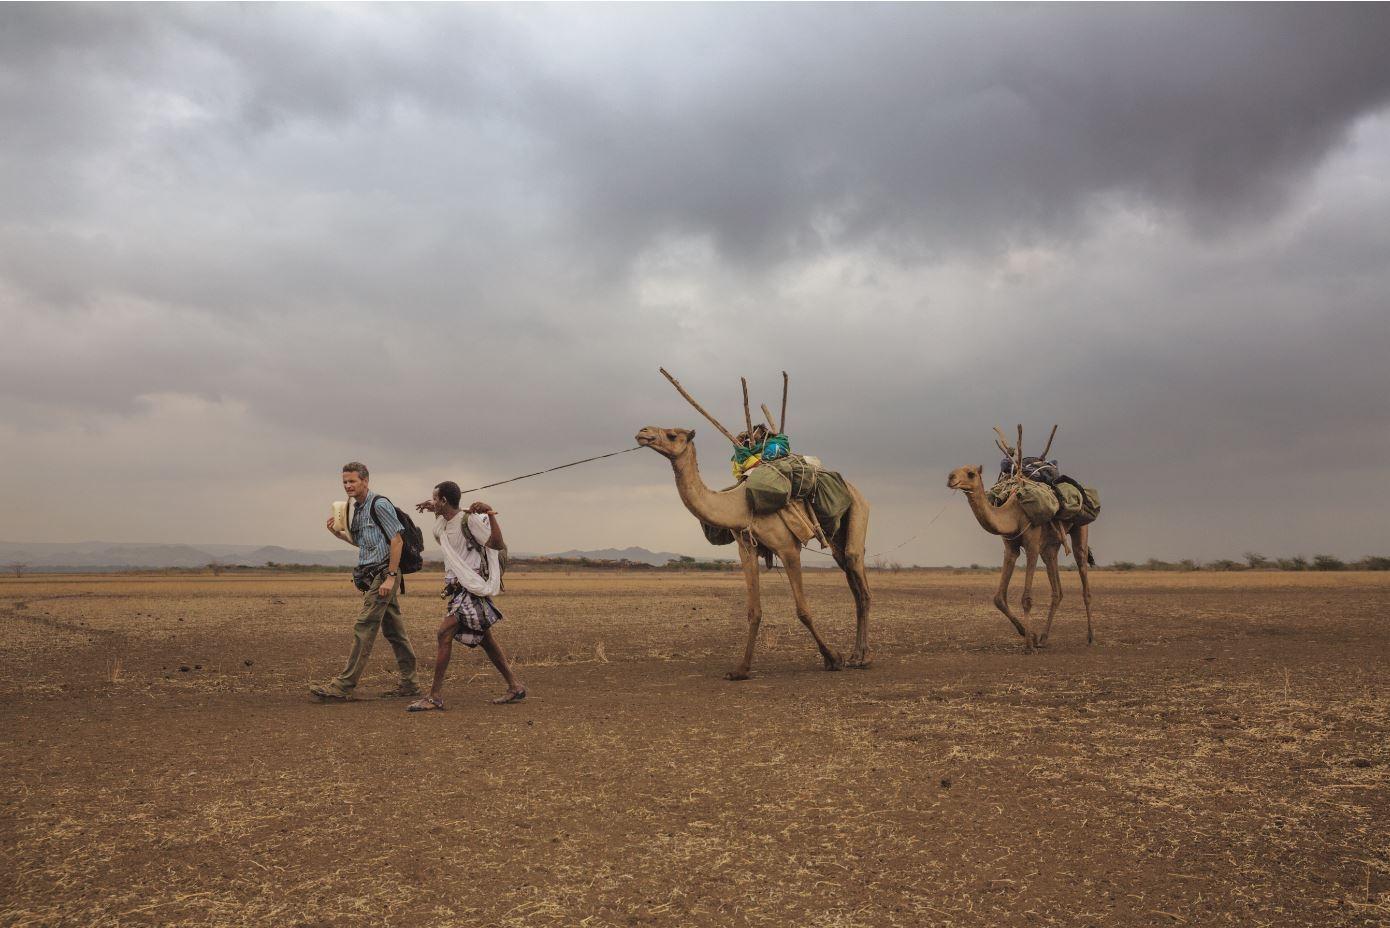 衣索比亞,2013年追隨先人的腳步保羅.薩洛培克(左)和他的嚮導阿米德. 艾勒瑪從赫托波里村展開了全球長征的第二天。體質特徵上最早的現代人就是從這裡拋下他們所熟悉的非洲地景,開始探索未知的世界。